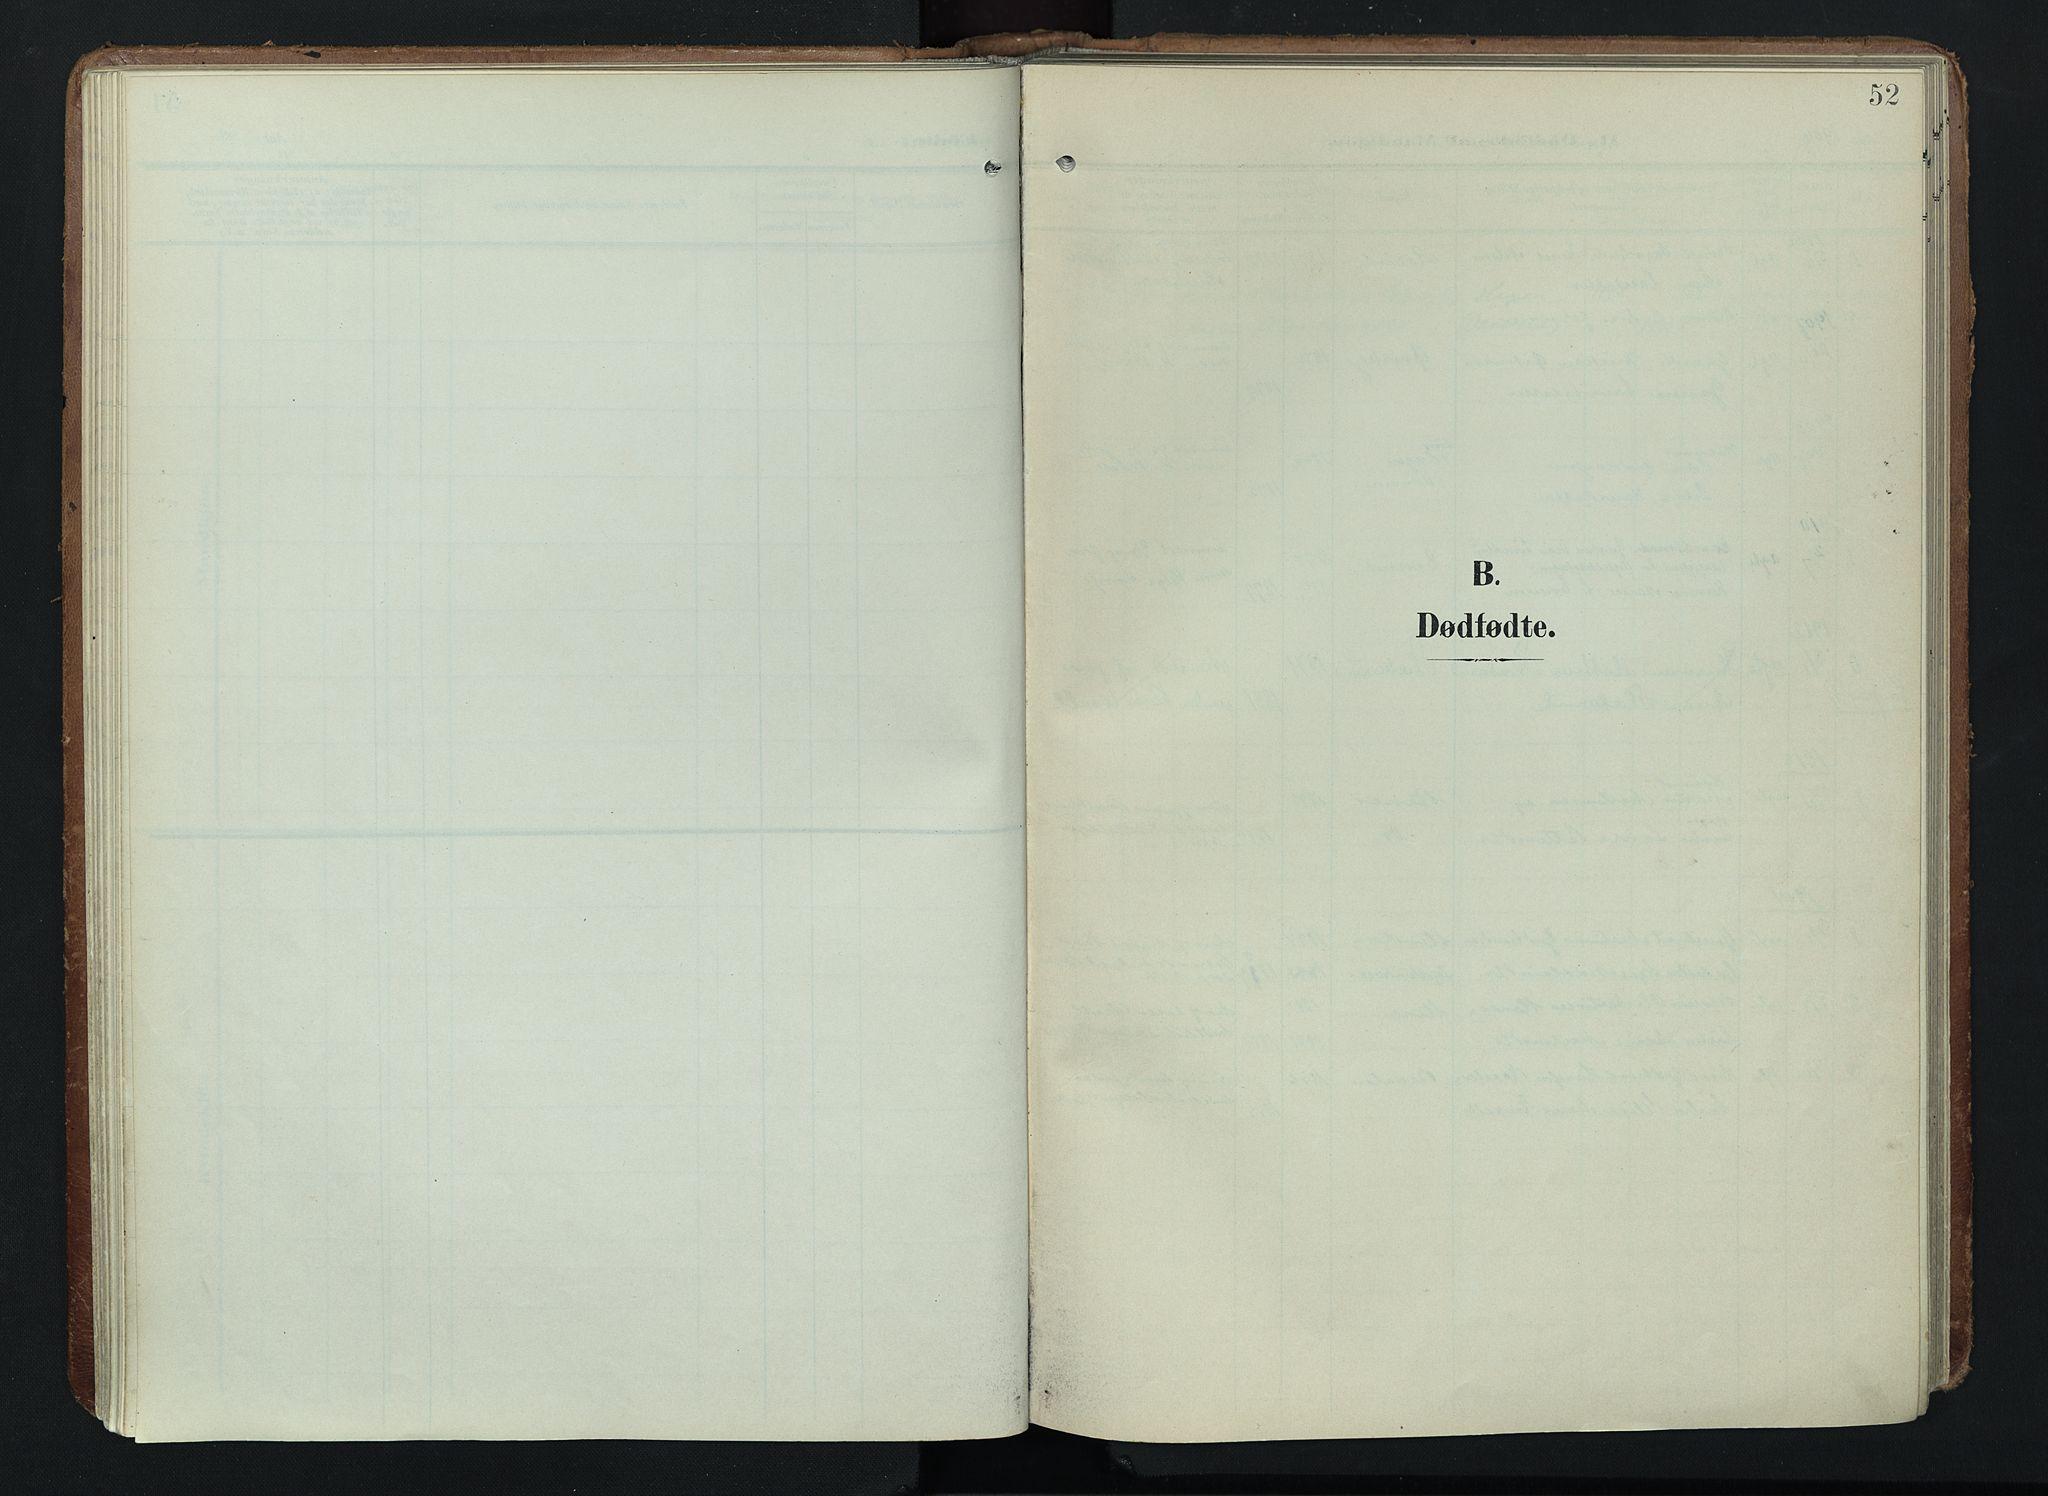 SAH, Søndre Land prestekontor, K/L0005: Ministerialbok nr. 5, 1905-1914, s. 52